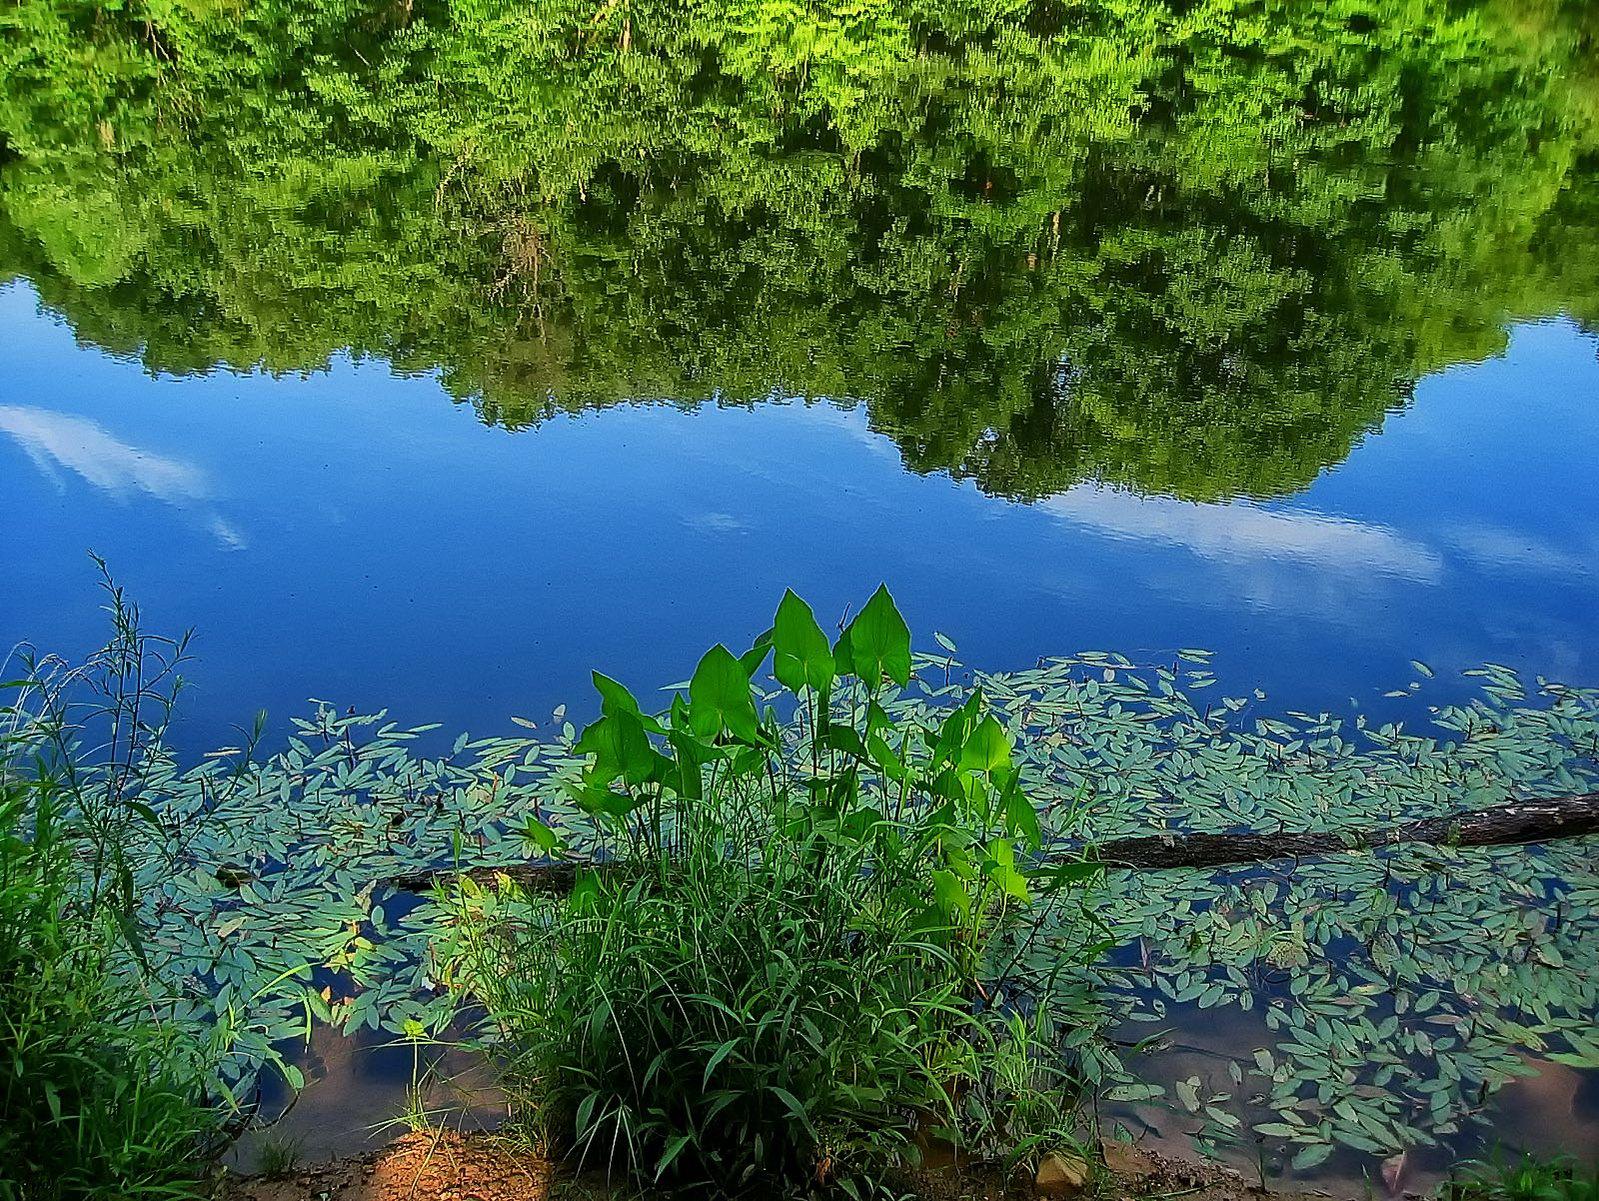 pennsylvania, haycock, fringe, reflection, , photo